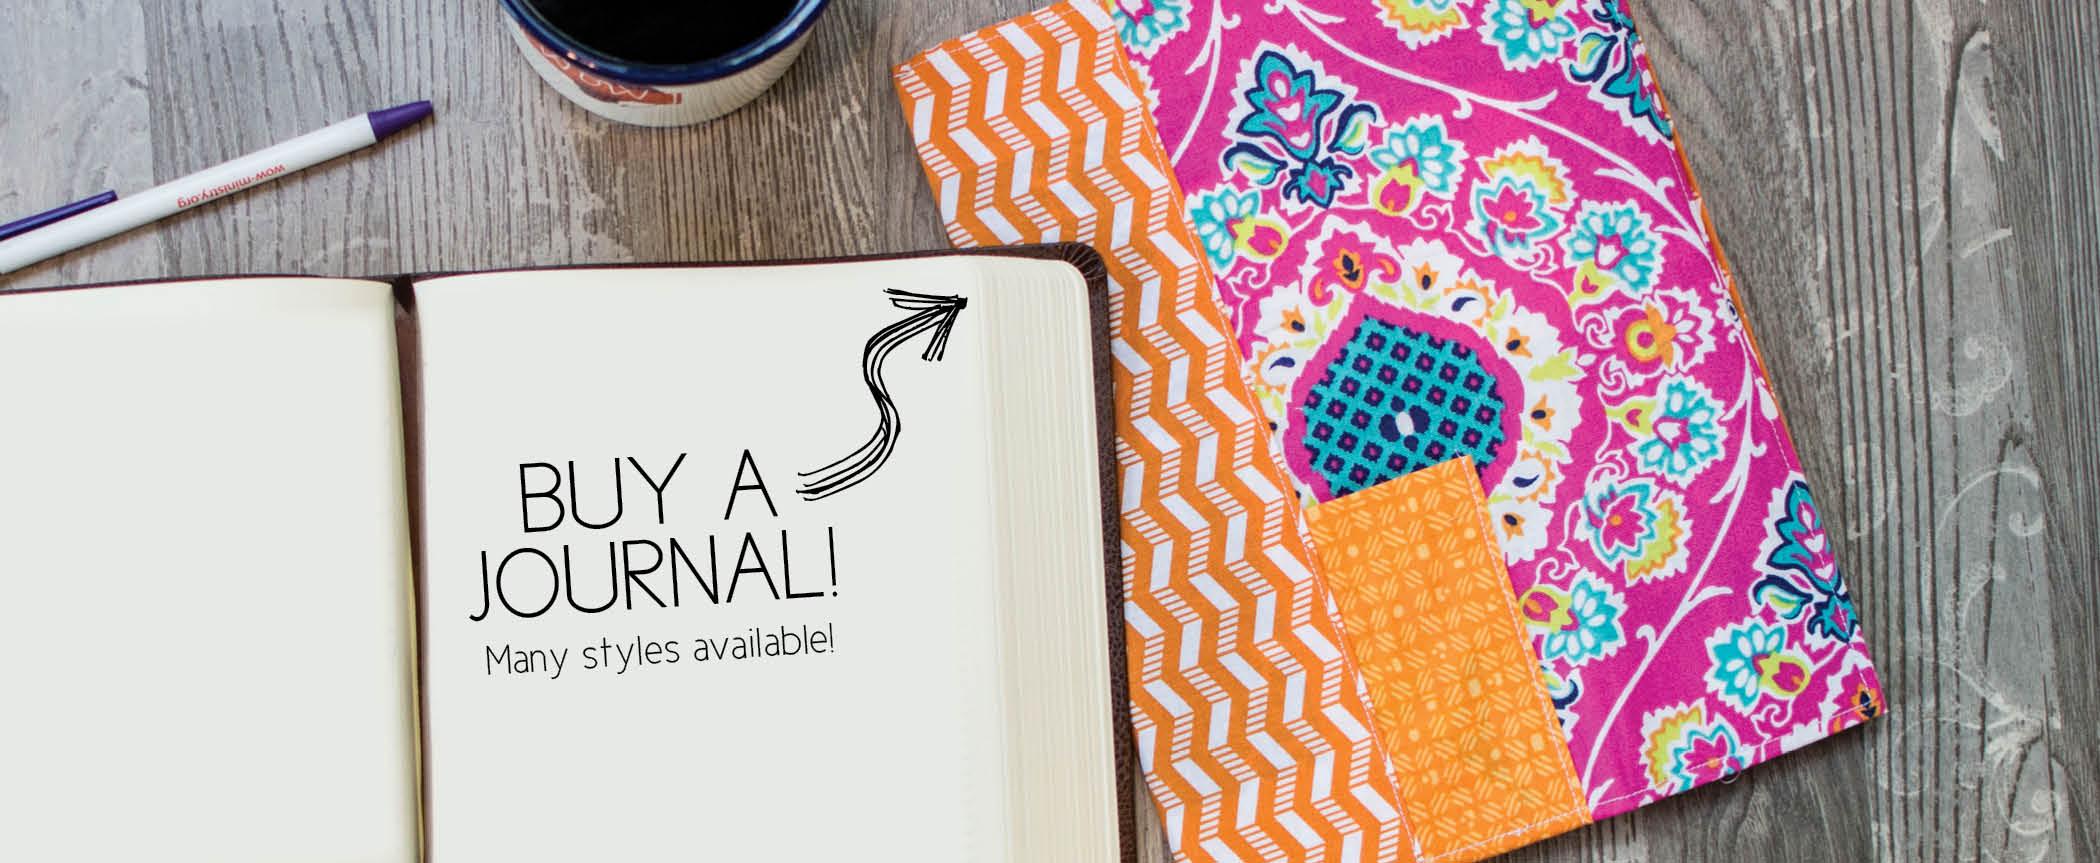 BuyJournal-Slide.jpg